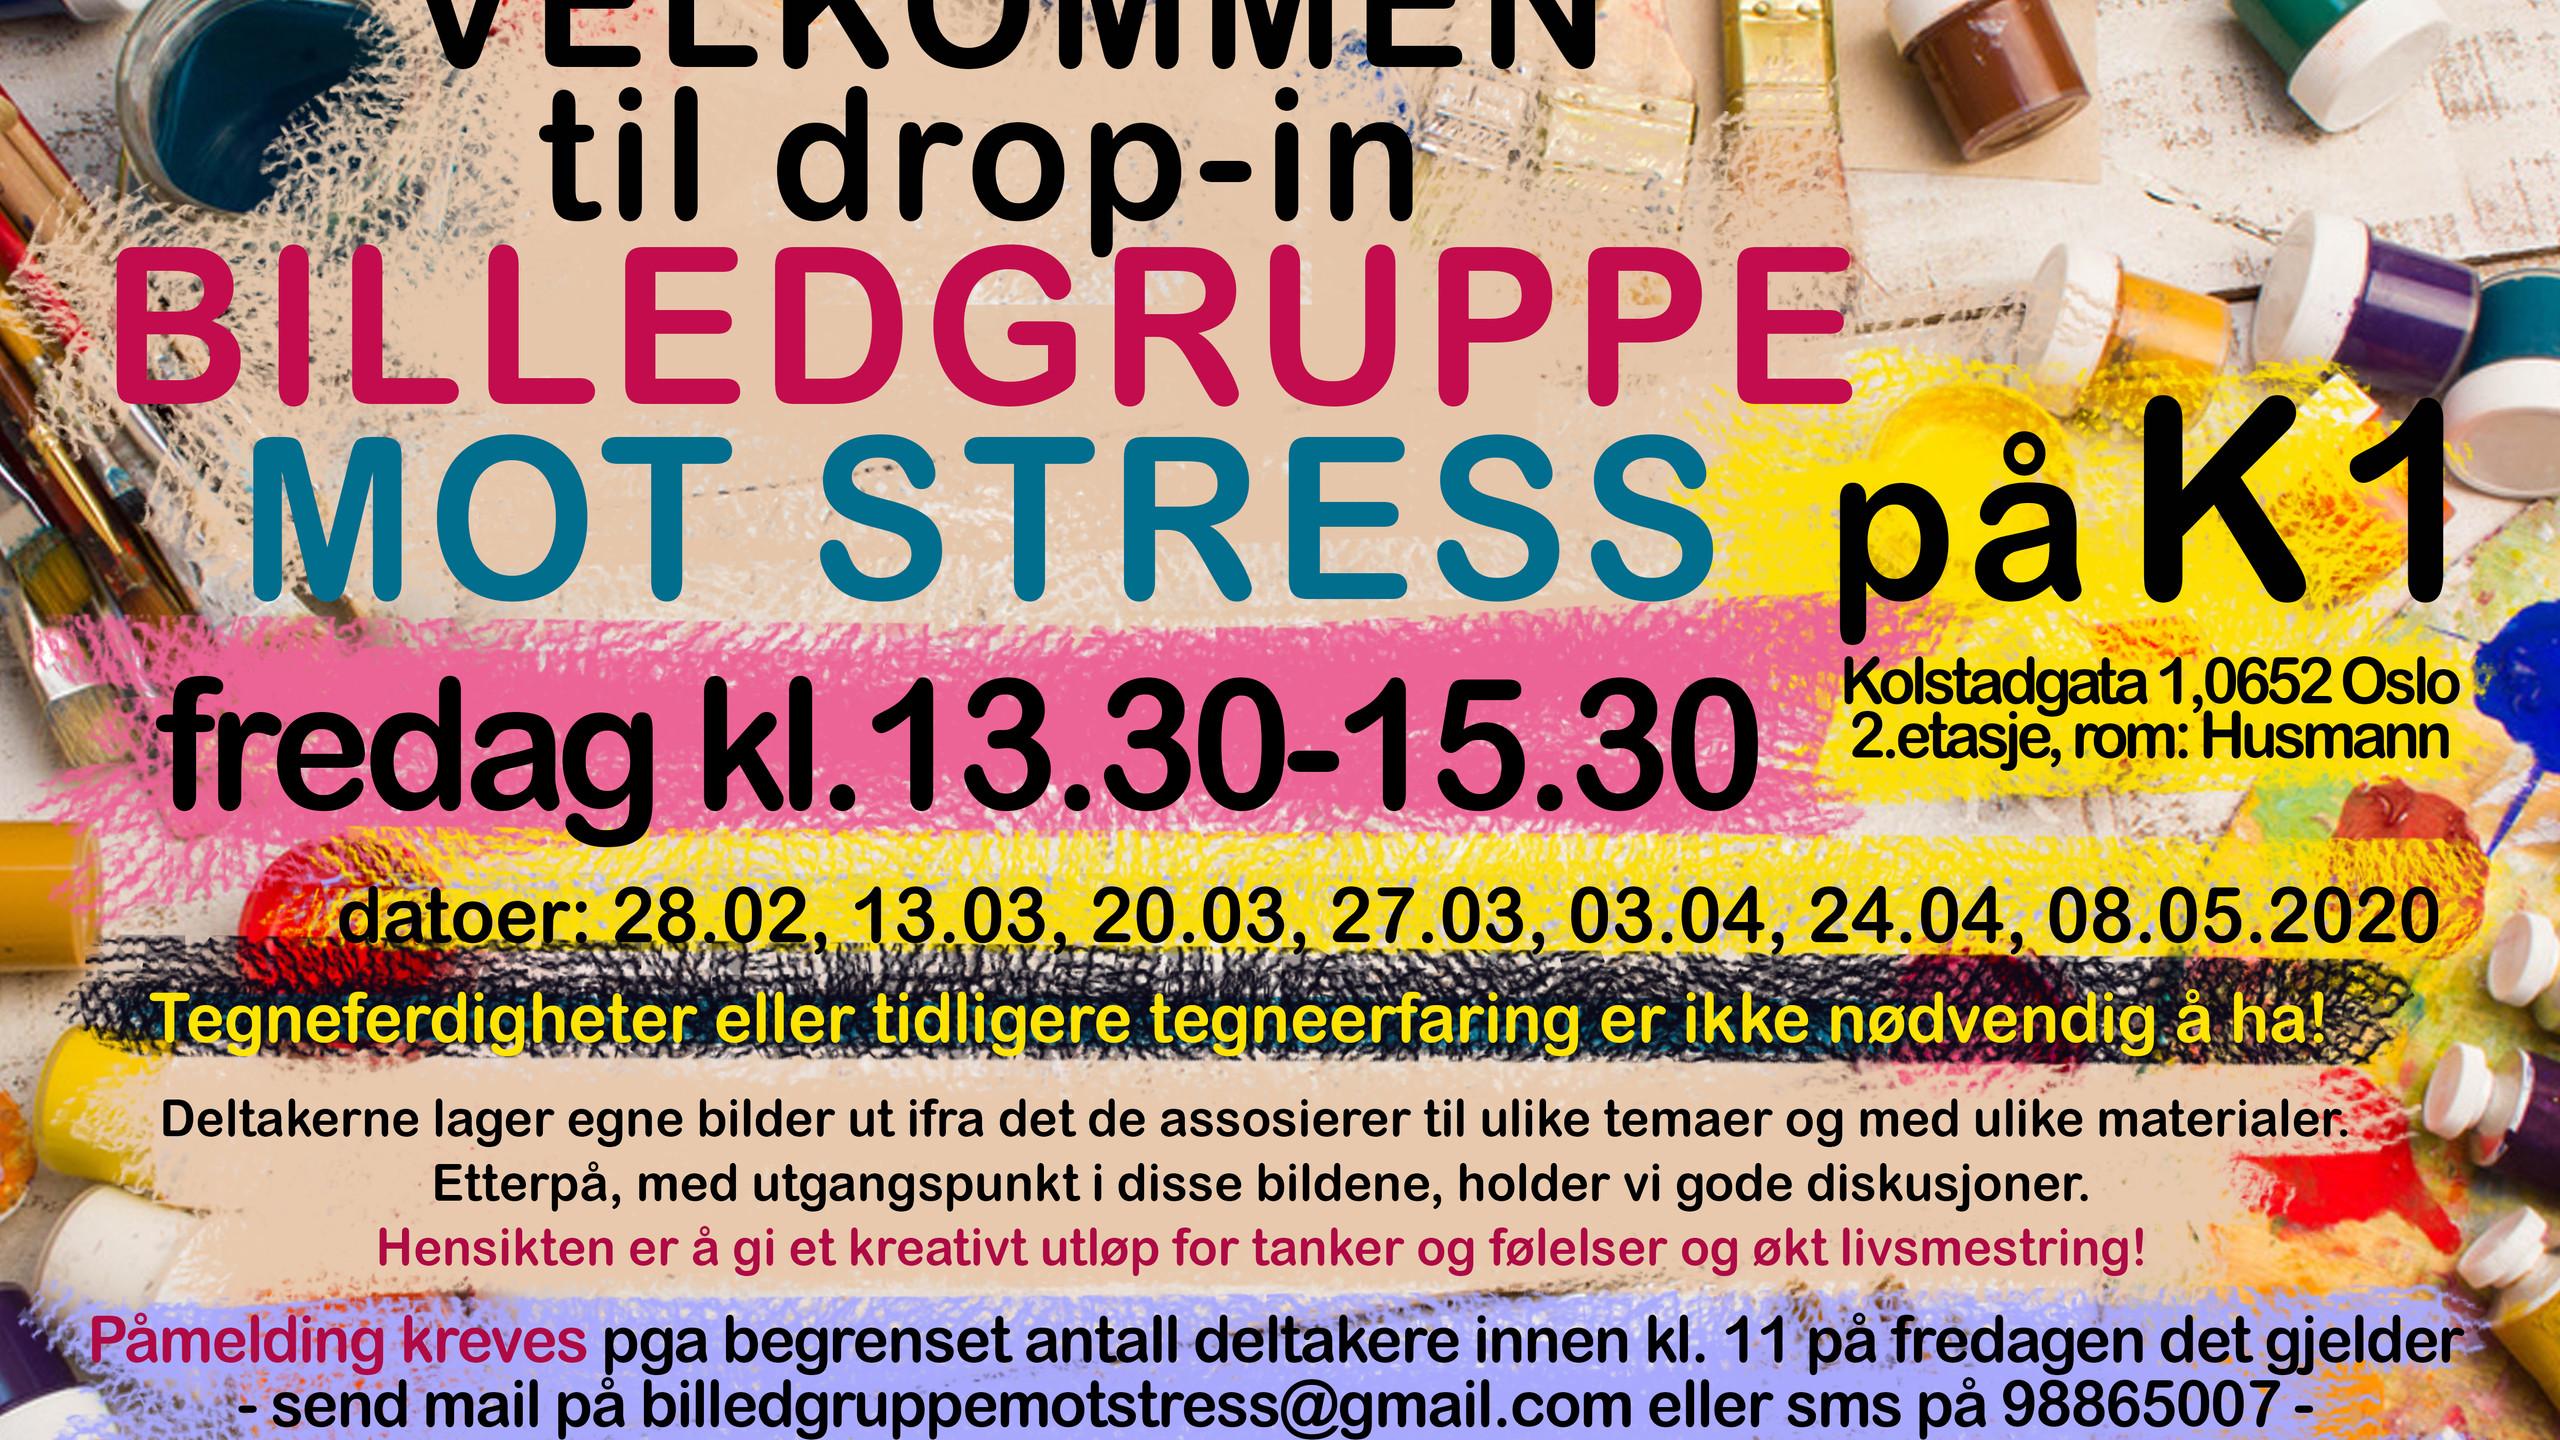 Billedgruppe mot stress